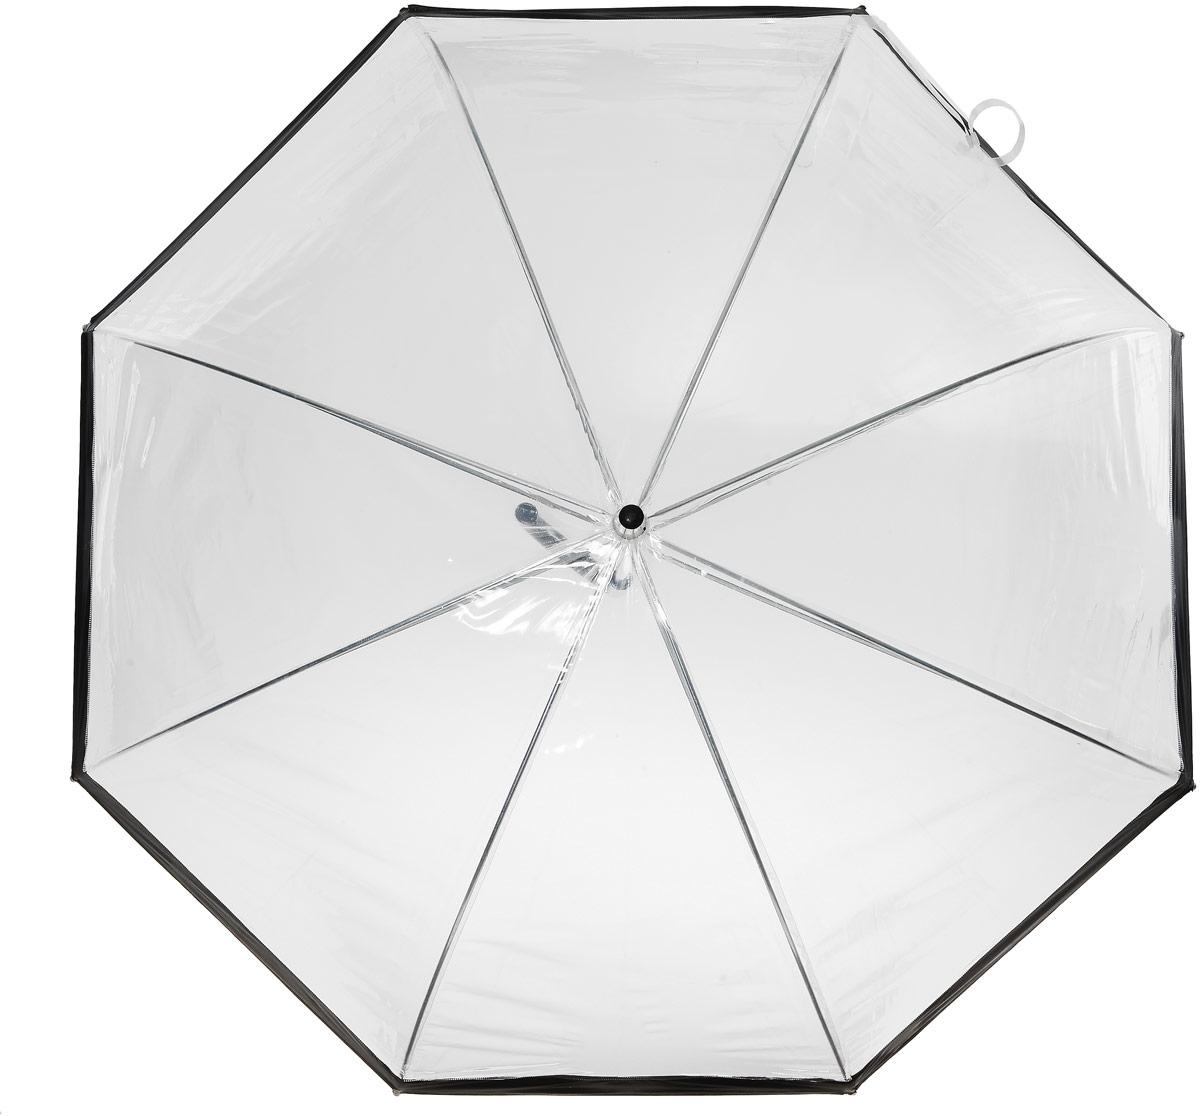 Зонт-трость женский Эврика, механика, цвет: прозрачный, черный. 91668Колье (короткие одноярусные бусы)Оригинальный зонт-трость Эврика выполнен из высококачественного ПВХ, который не пропускает воду. Каркас зонта, выполненный из прочного металла, состоит из восьми спиц. Зонт имеет механический тип сложения: открывается и закрывается вручную до характерного щелчка. Изделие оснащено удобной пластиковой ручкой изогнутой формы.